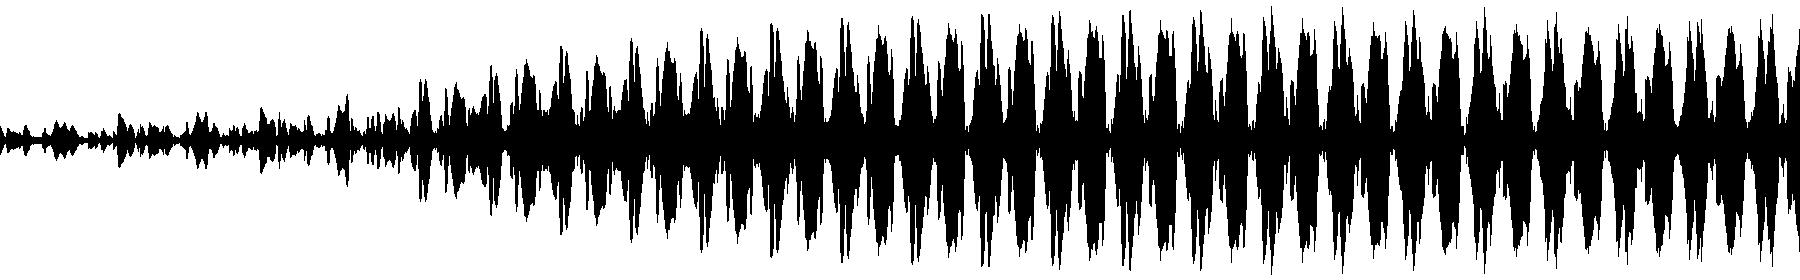 veh2 synths   050 c